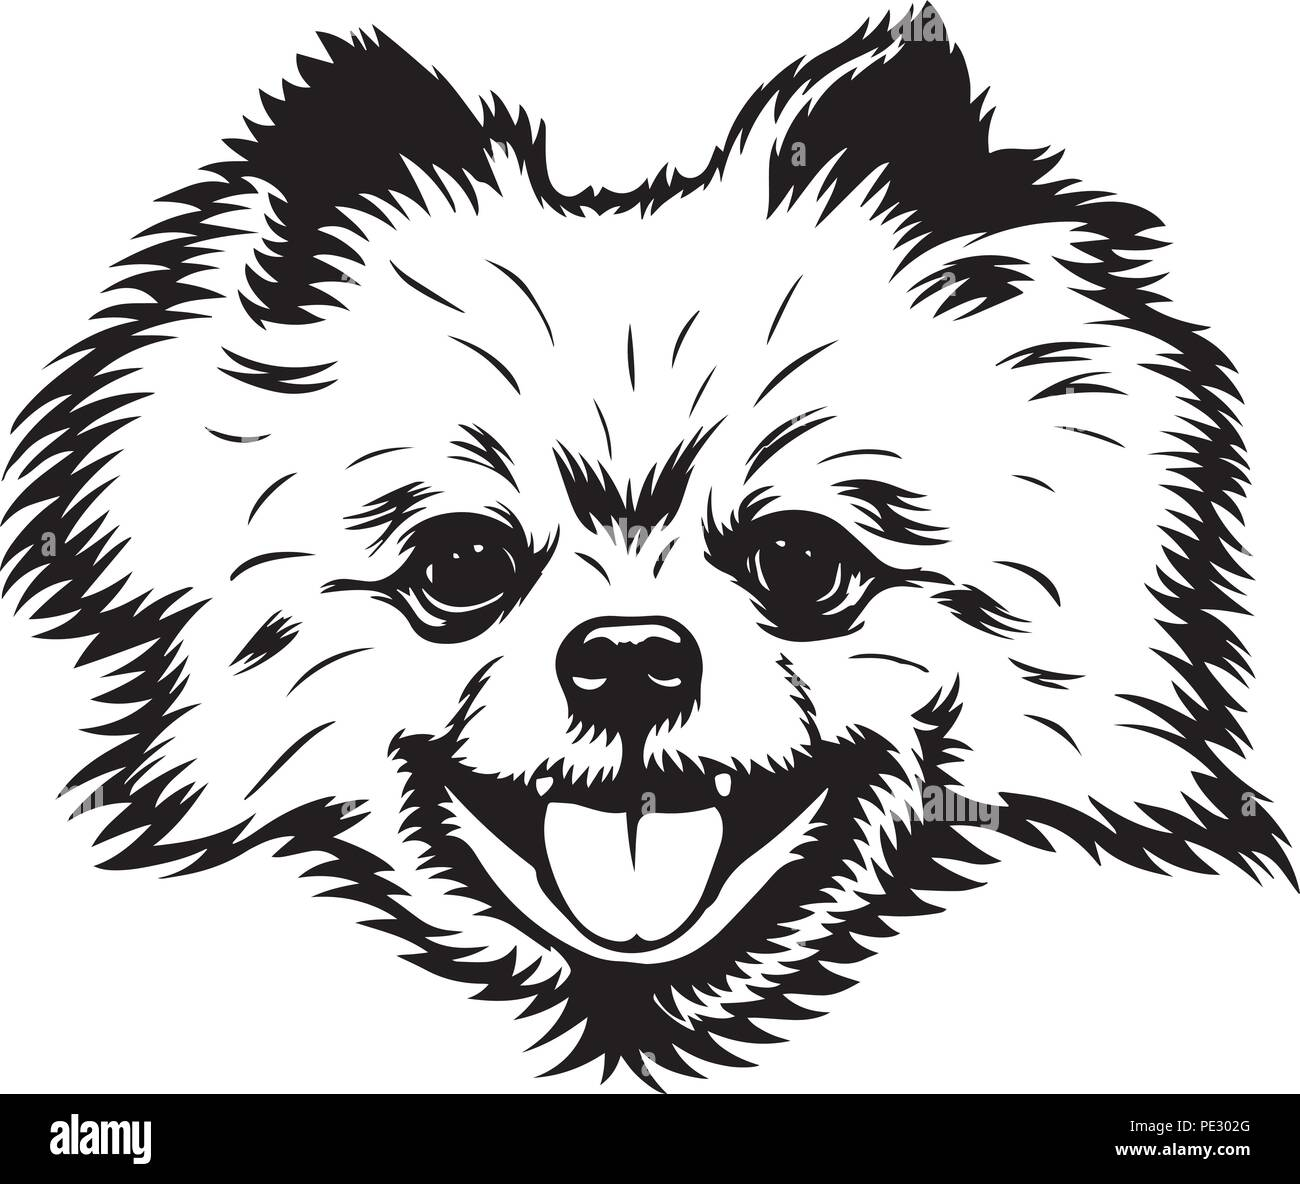 Pomeranian Dog Dog Breed Pet Puppy Isolated Head Face Stock Vector